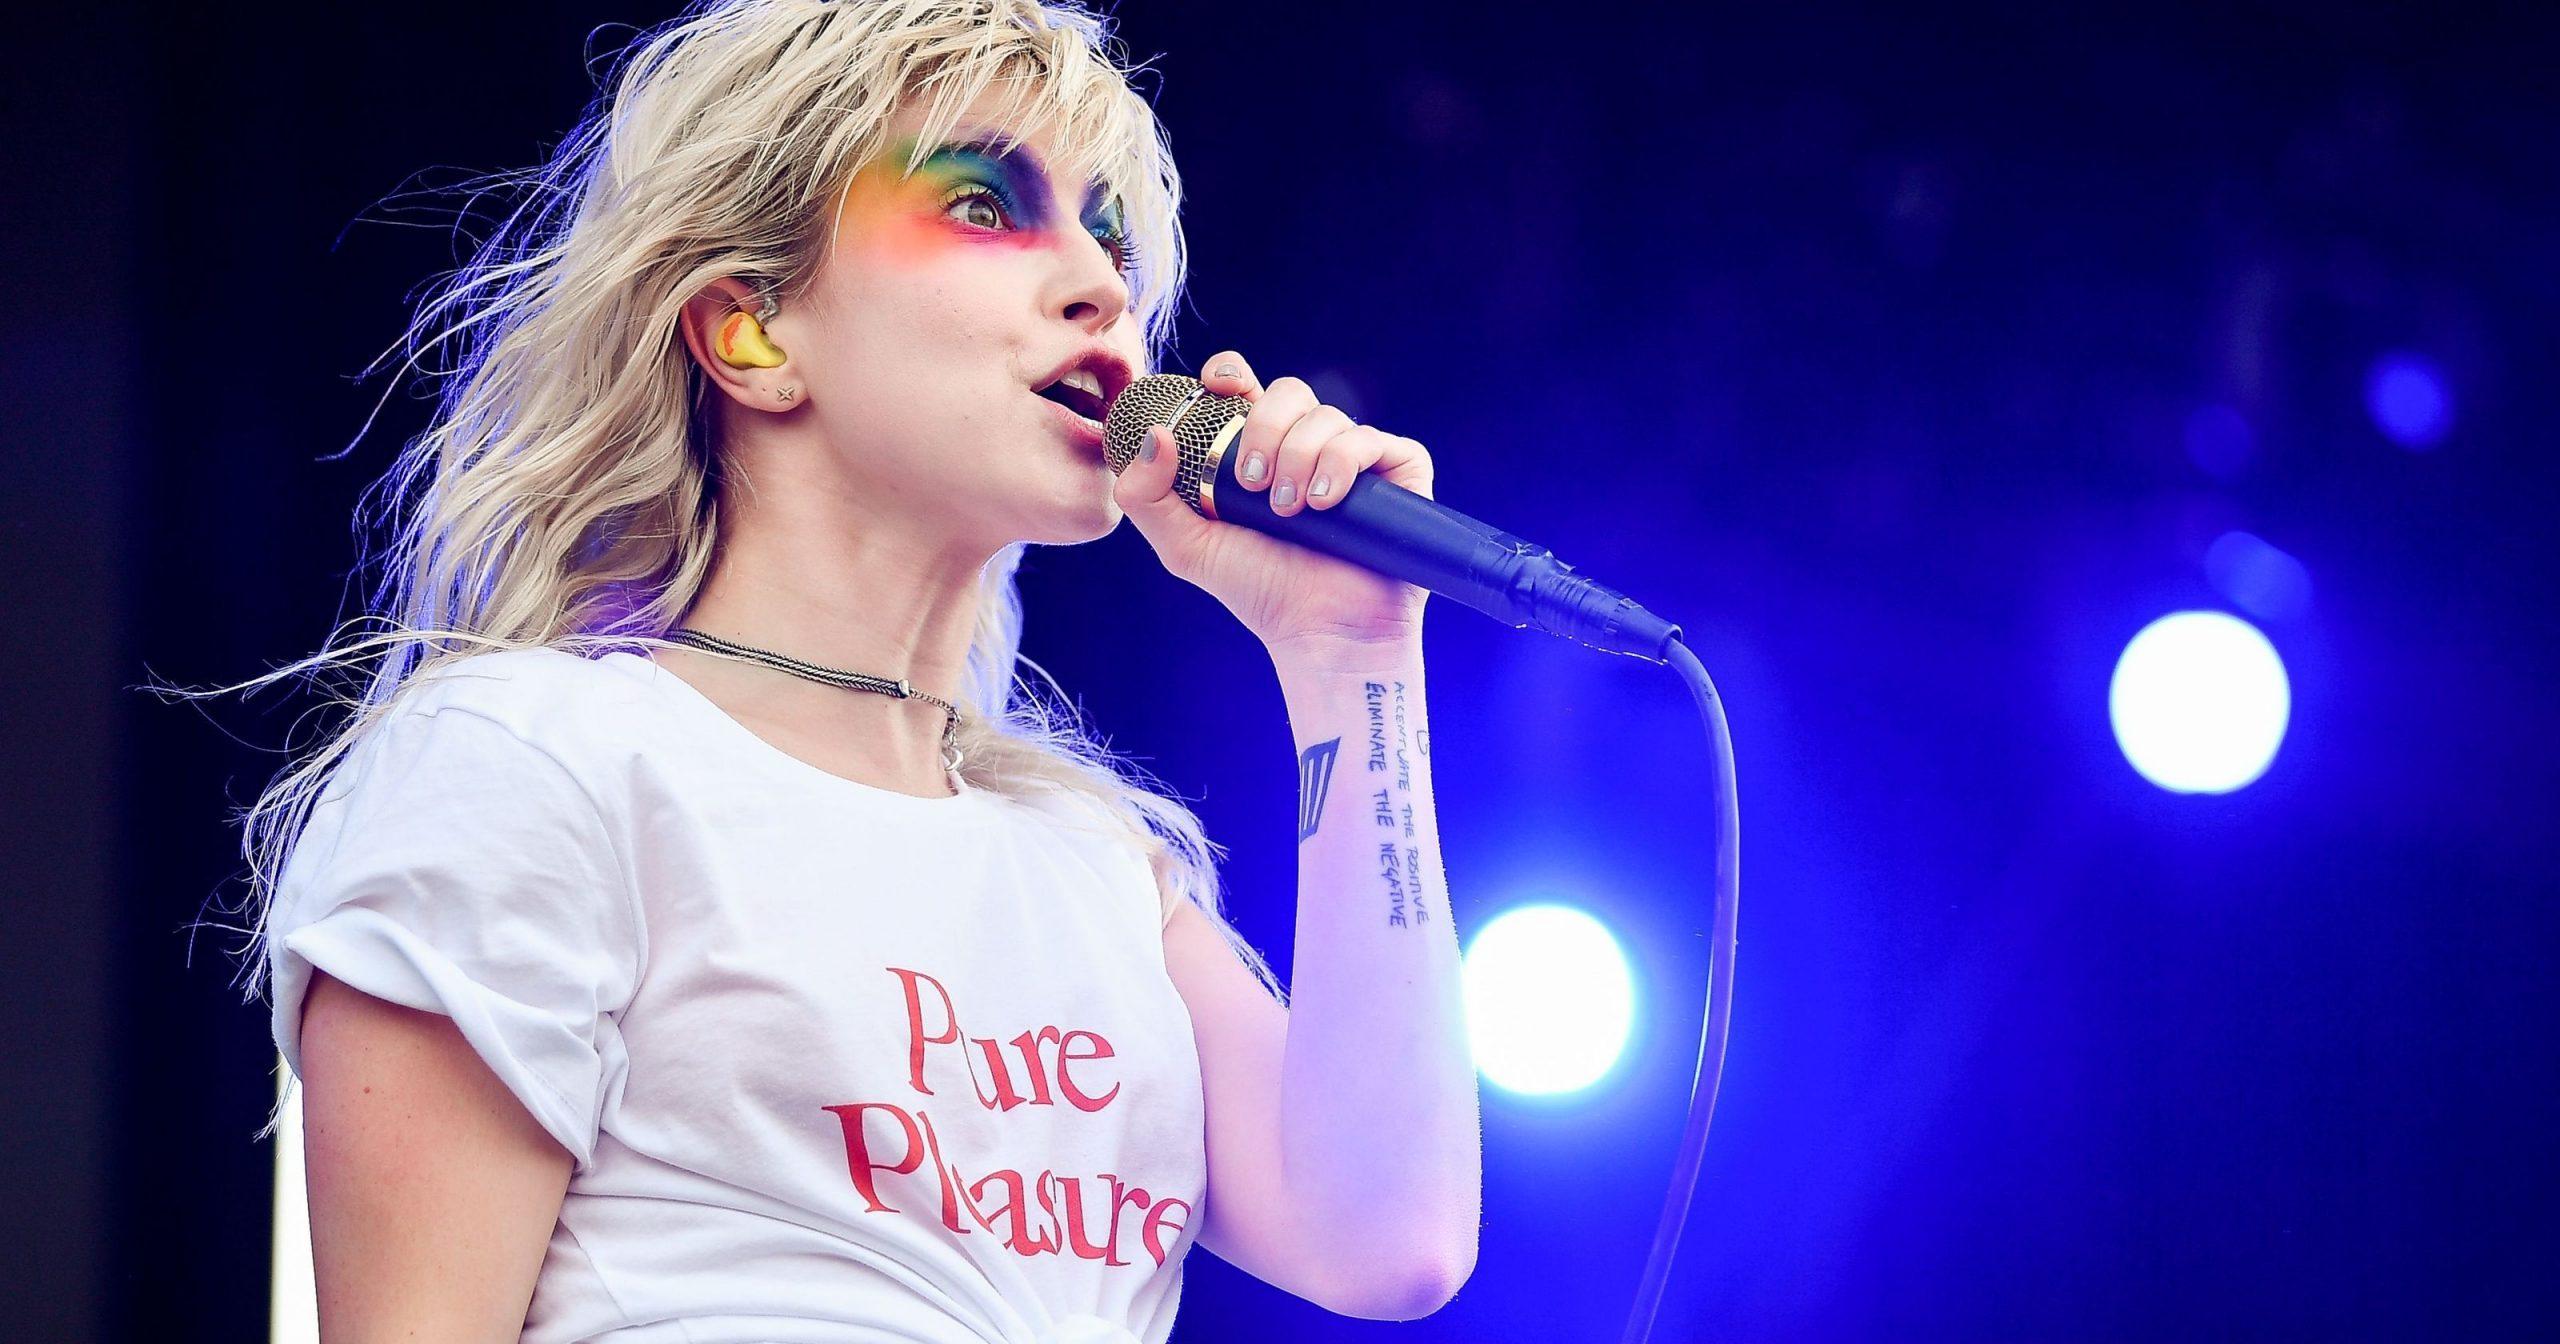 Vocalista de Paramore comenta sobre la expulsión de un ex miembro homofóbico